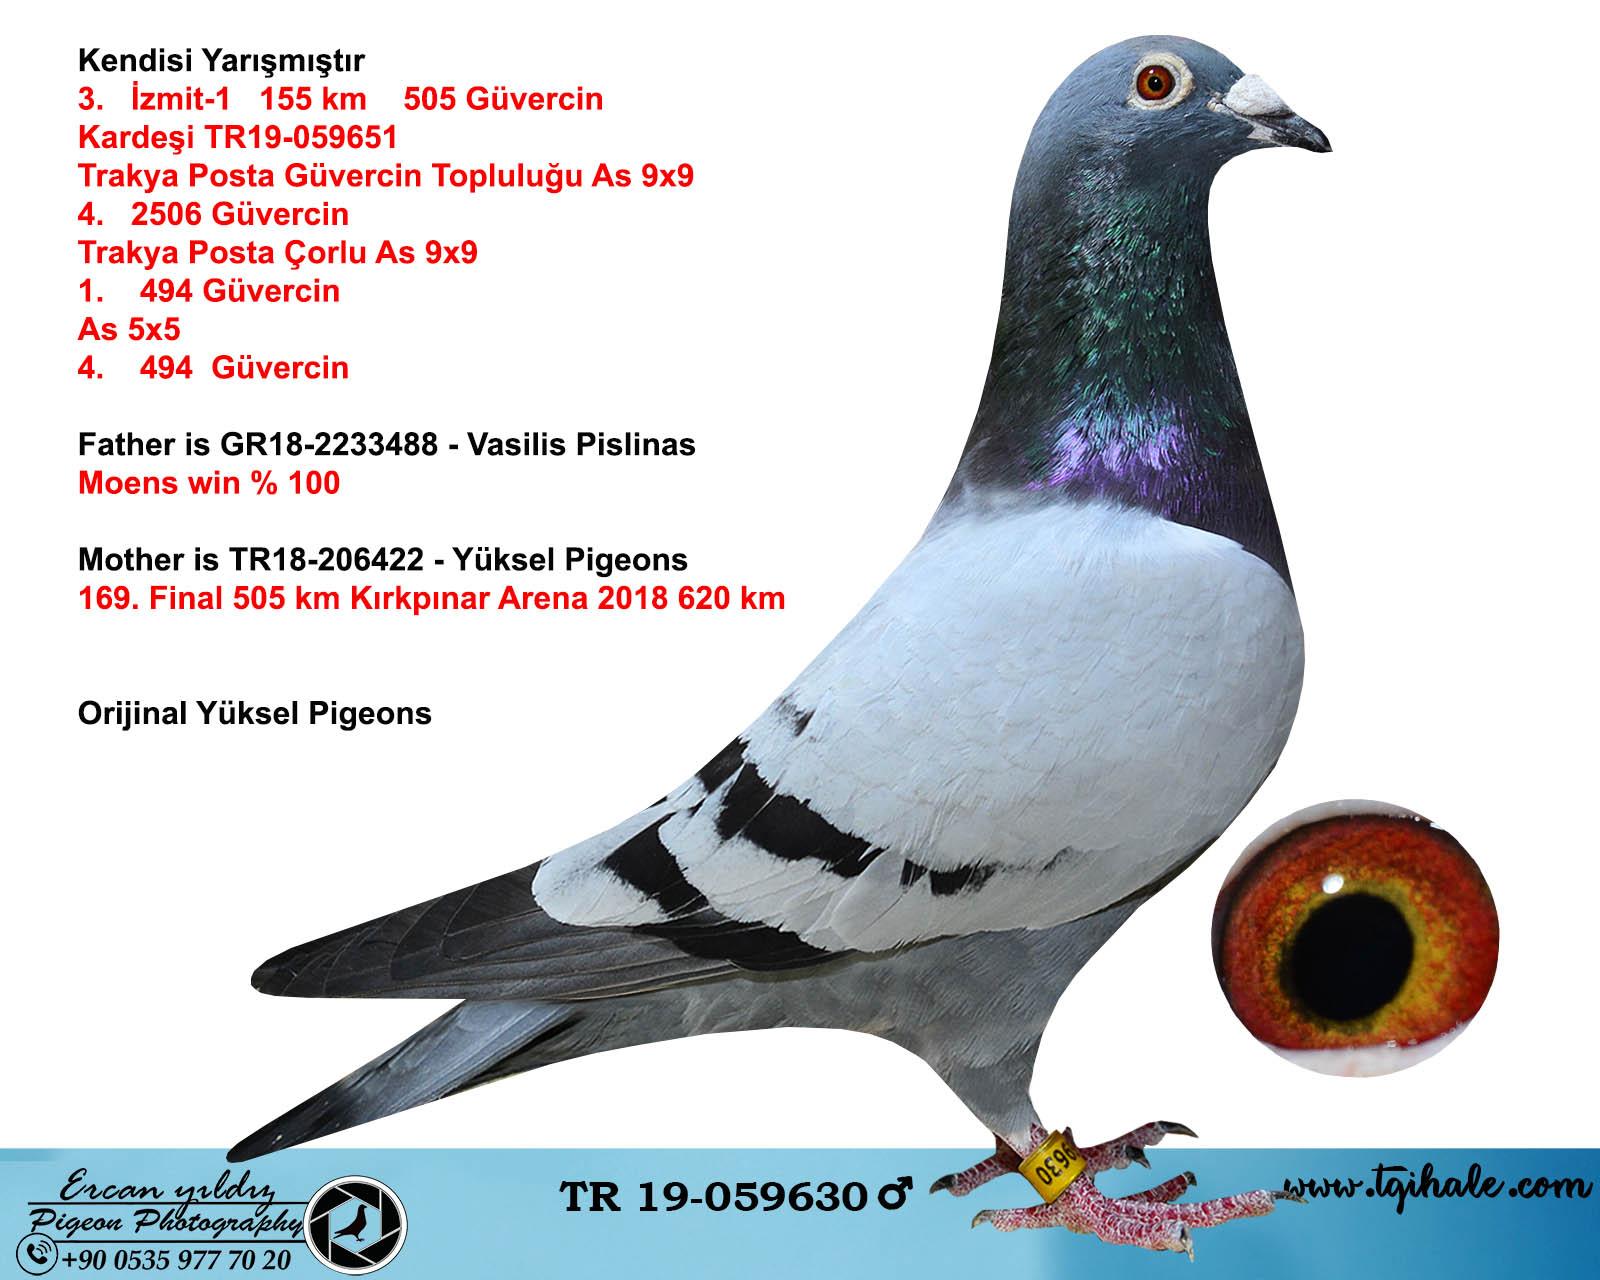 TR19-059630 ERKEK / KENDİSİ YARIŞMIŞTIR -  3. İZMİT 155 KM 505 GÜVERCİN